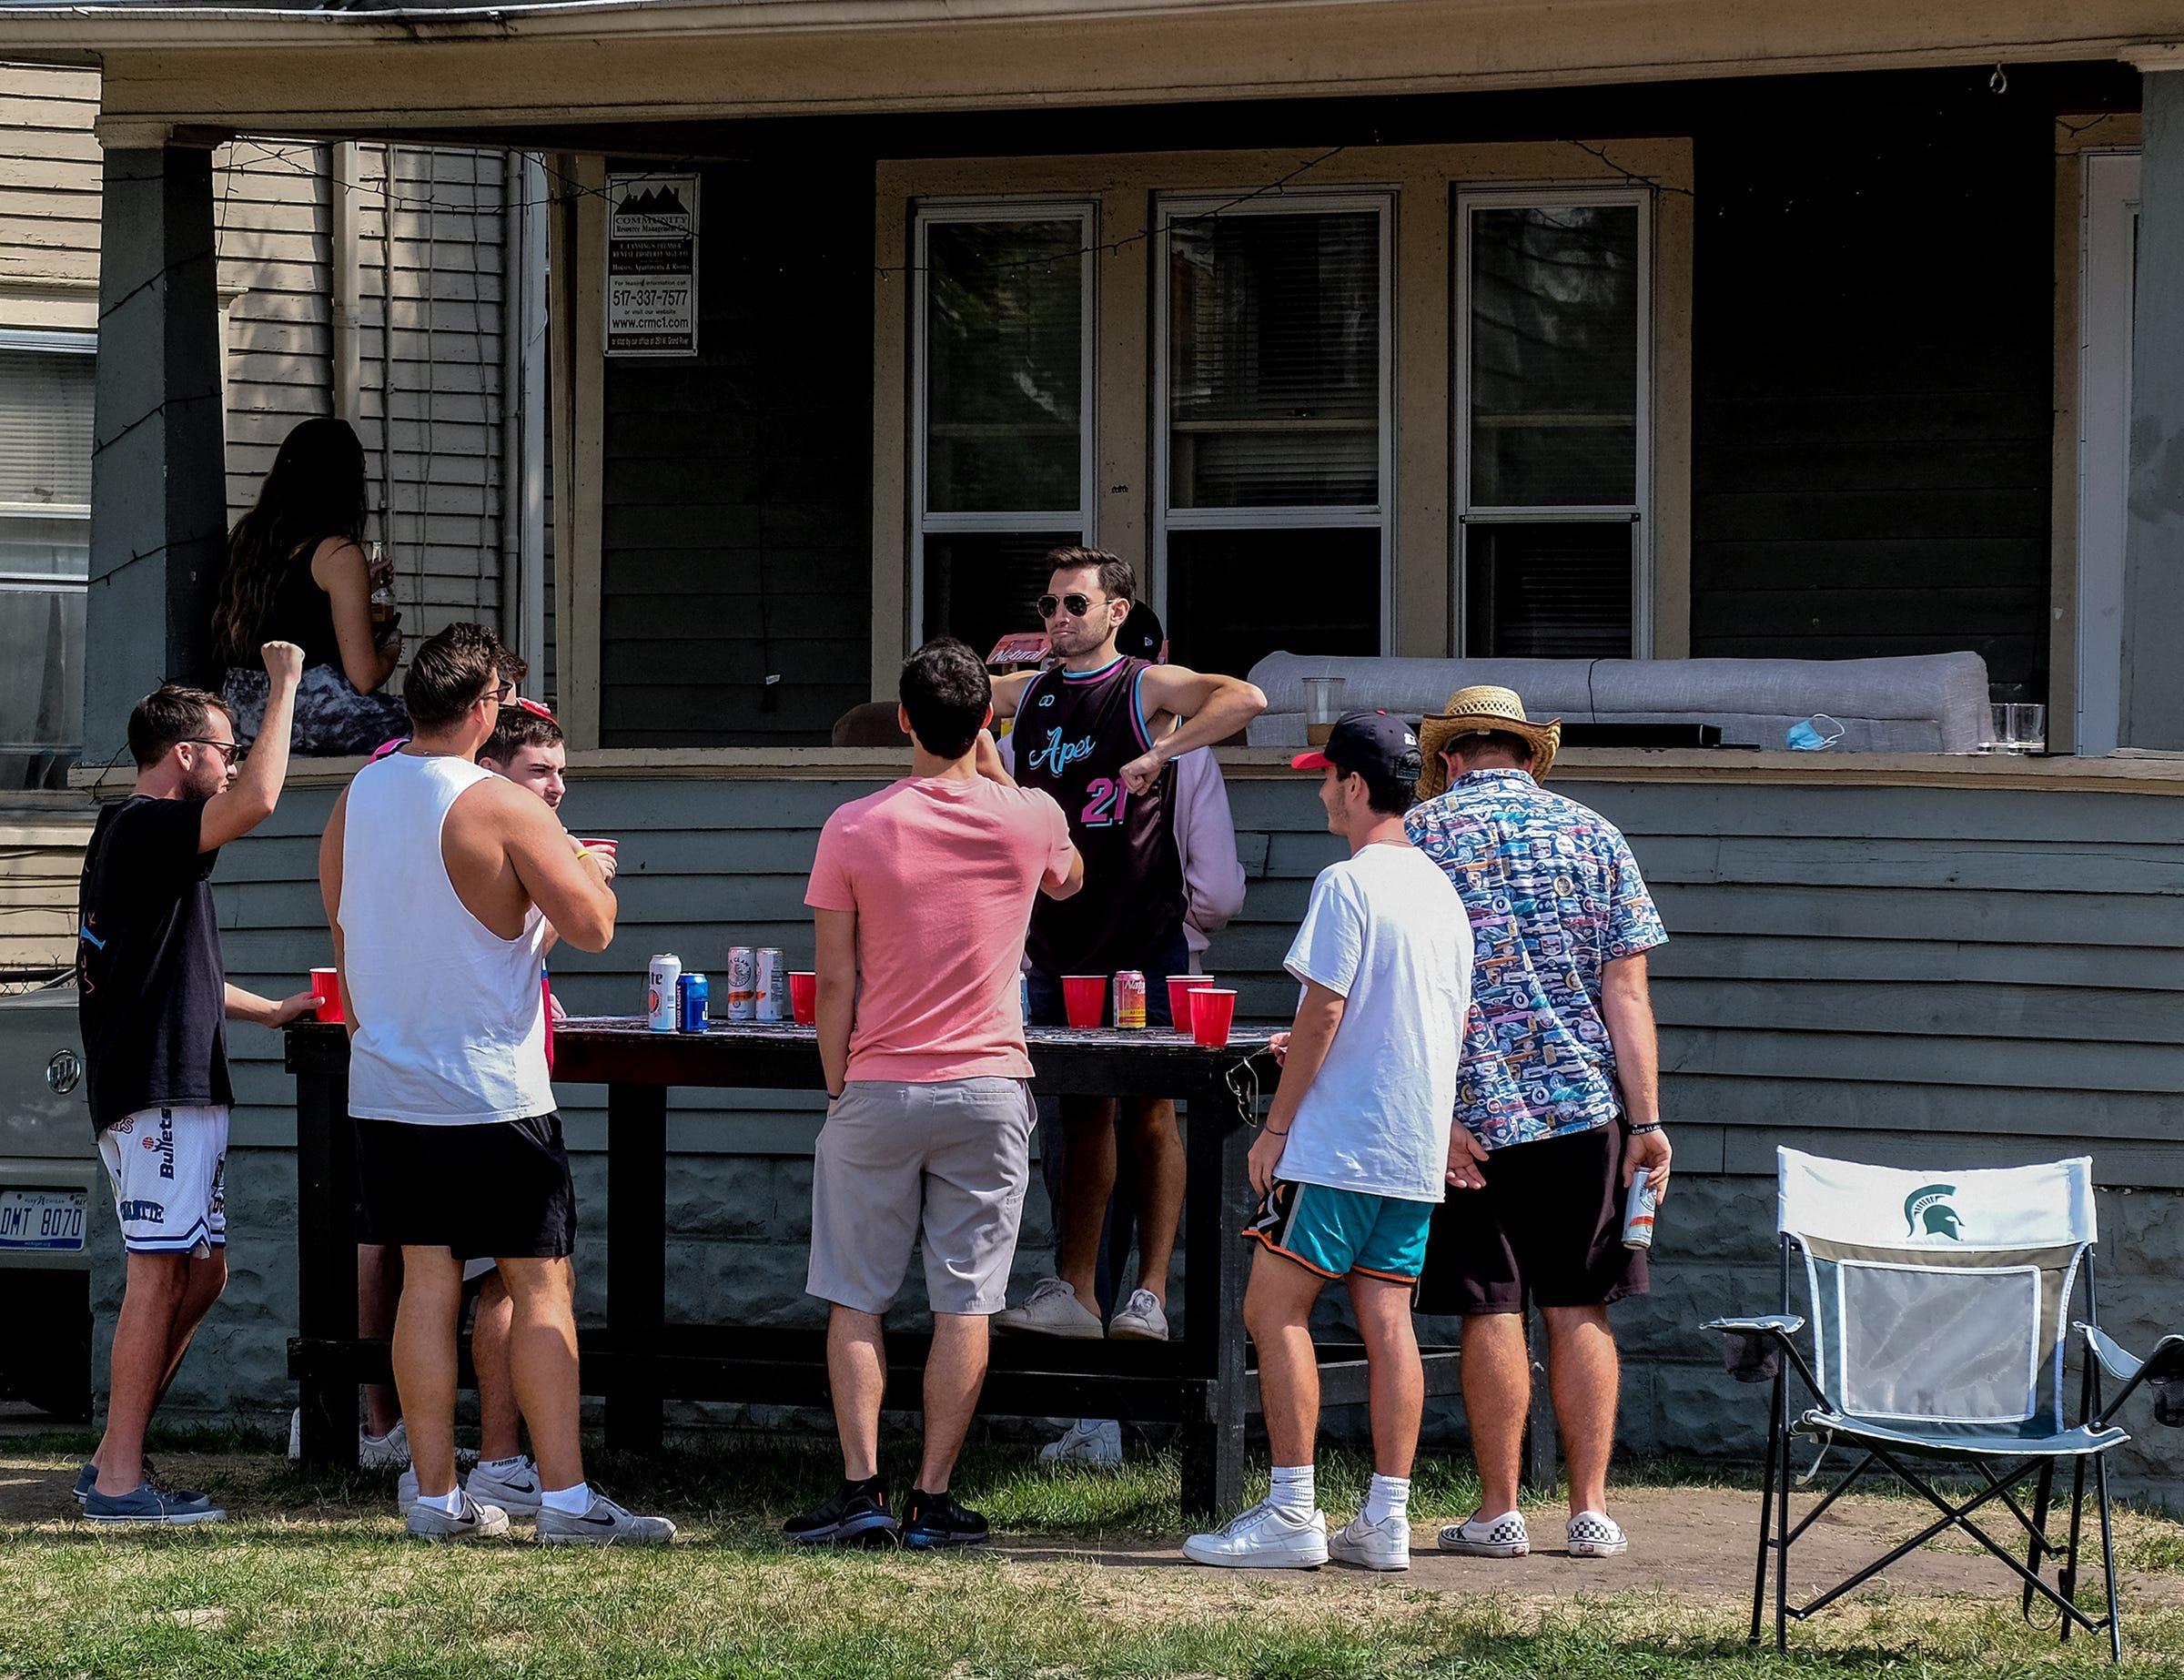 Michigan State University students